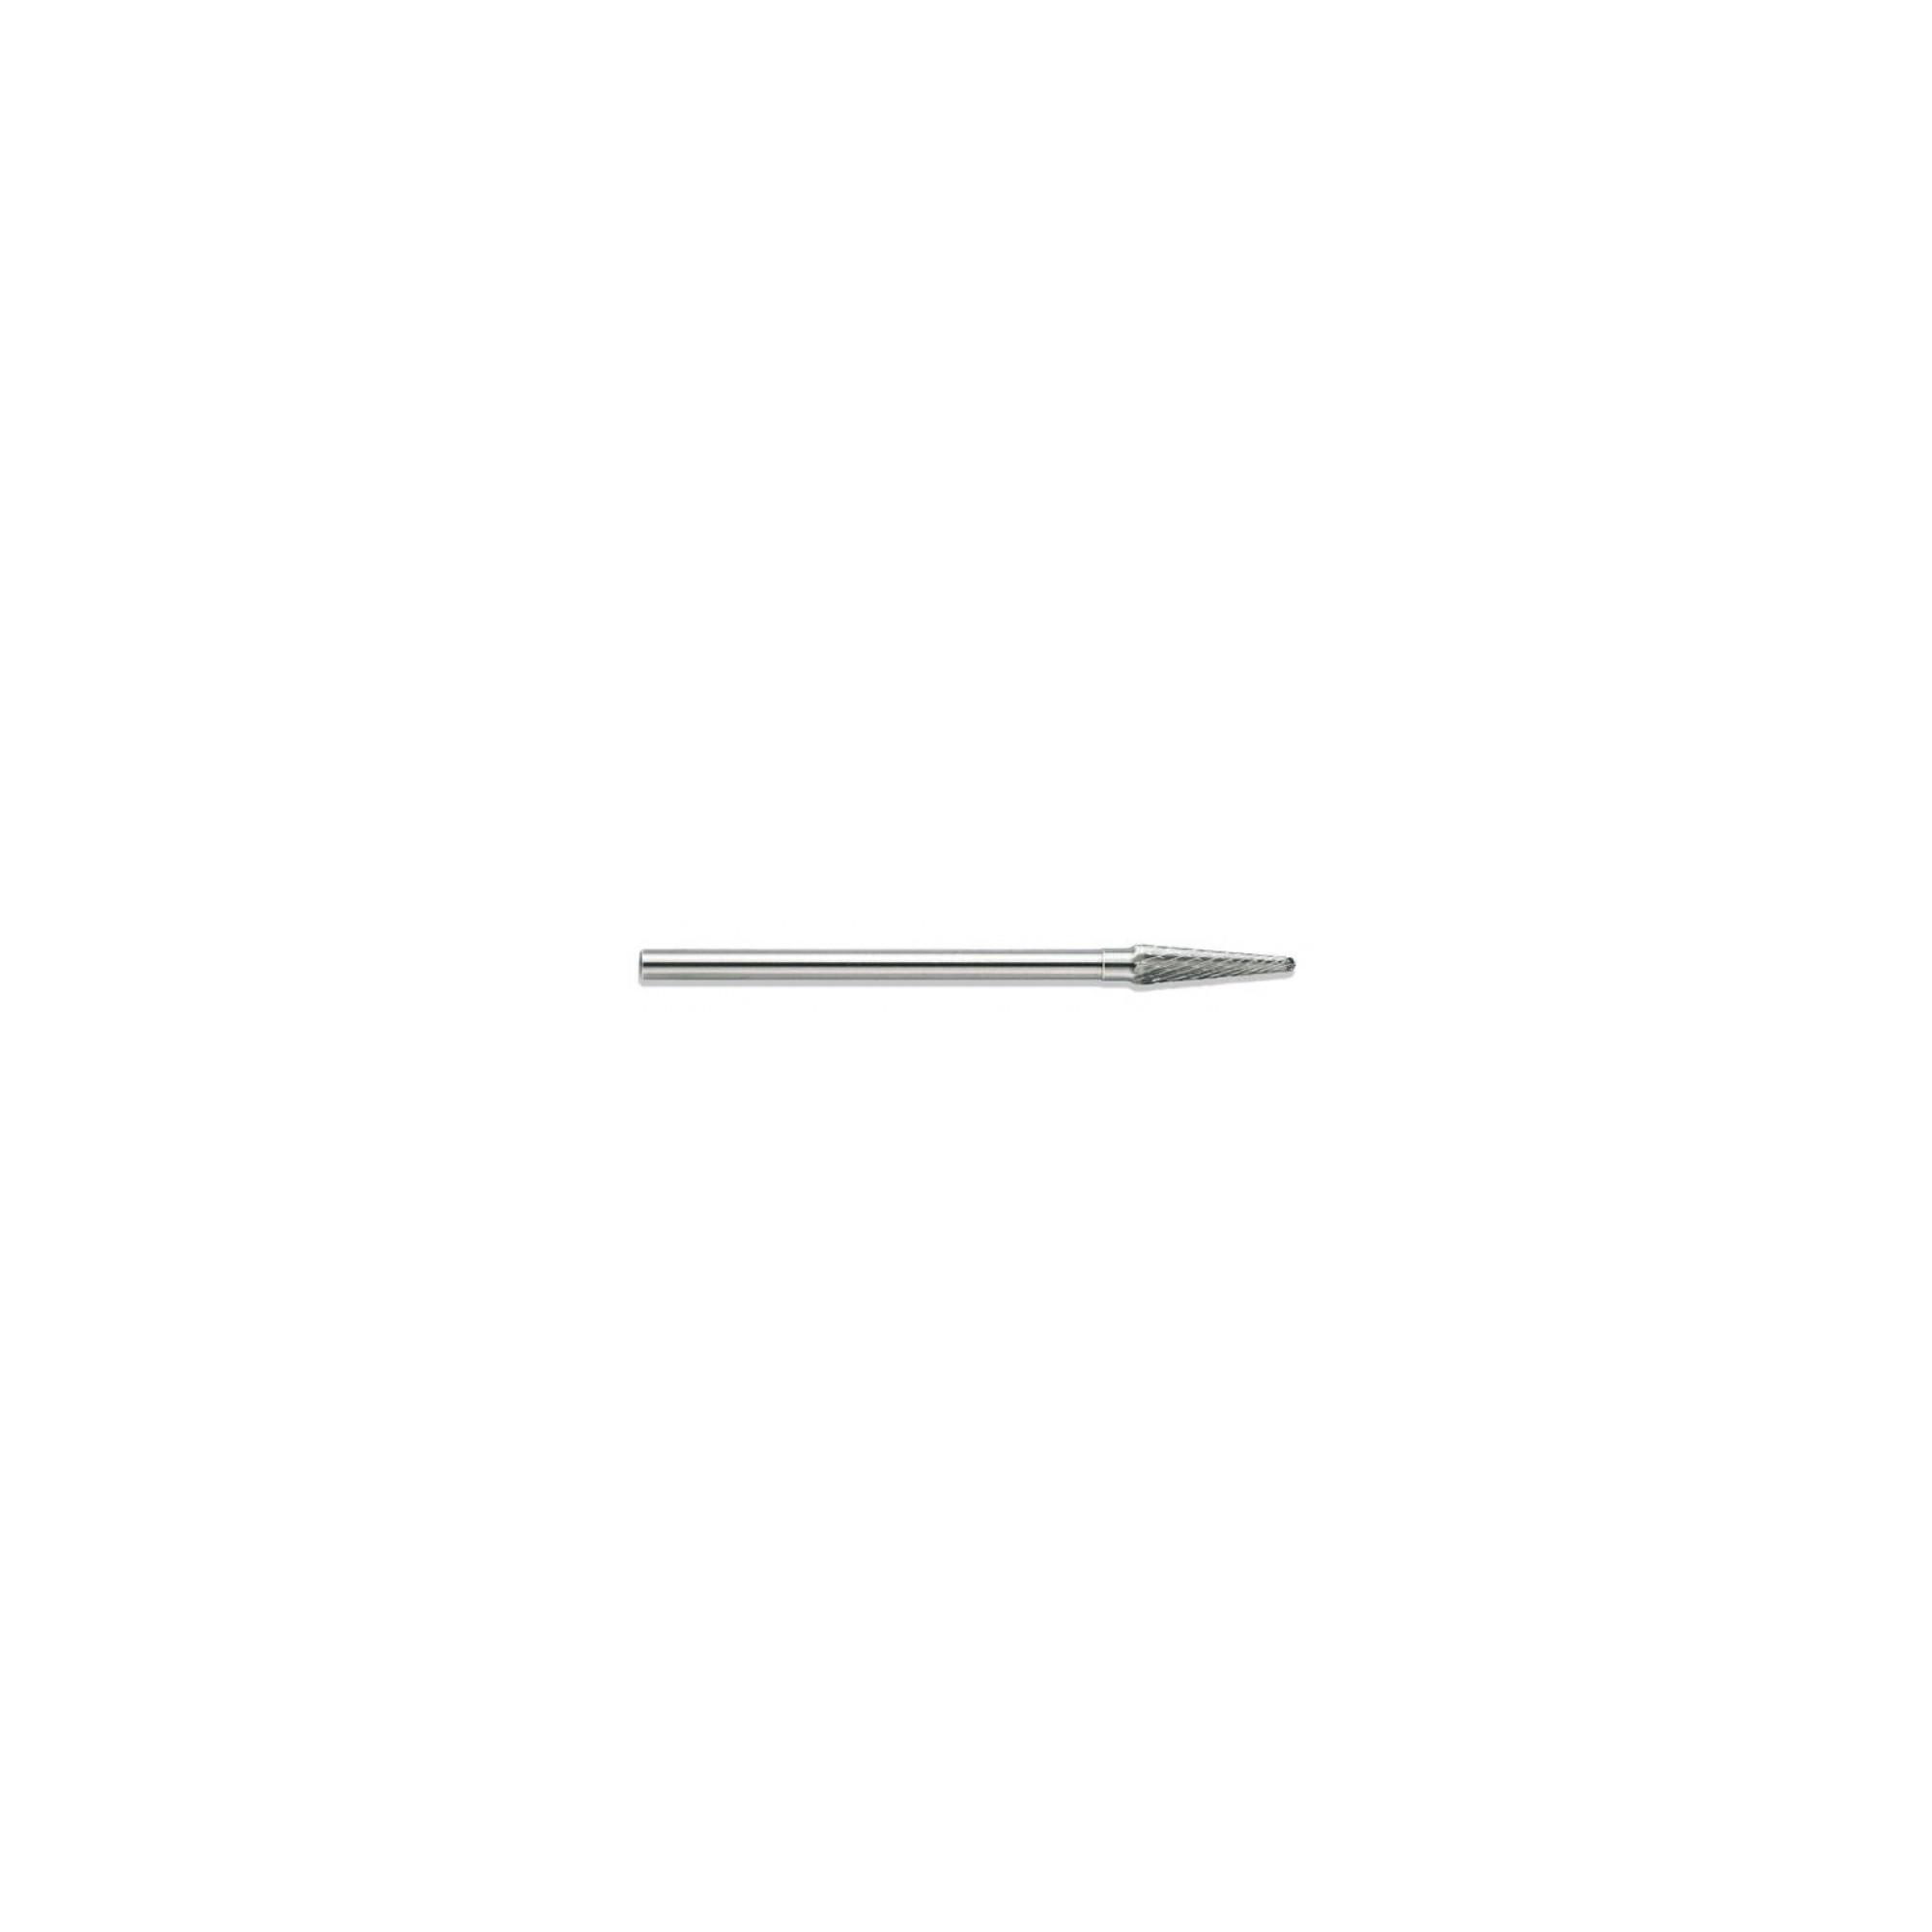 Fraise Busch Carbure de Tungstène - Denture moyenne - Ongles atteints de mycoses - ø3,1mm